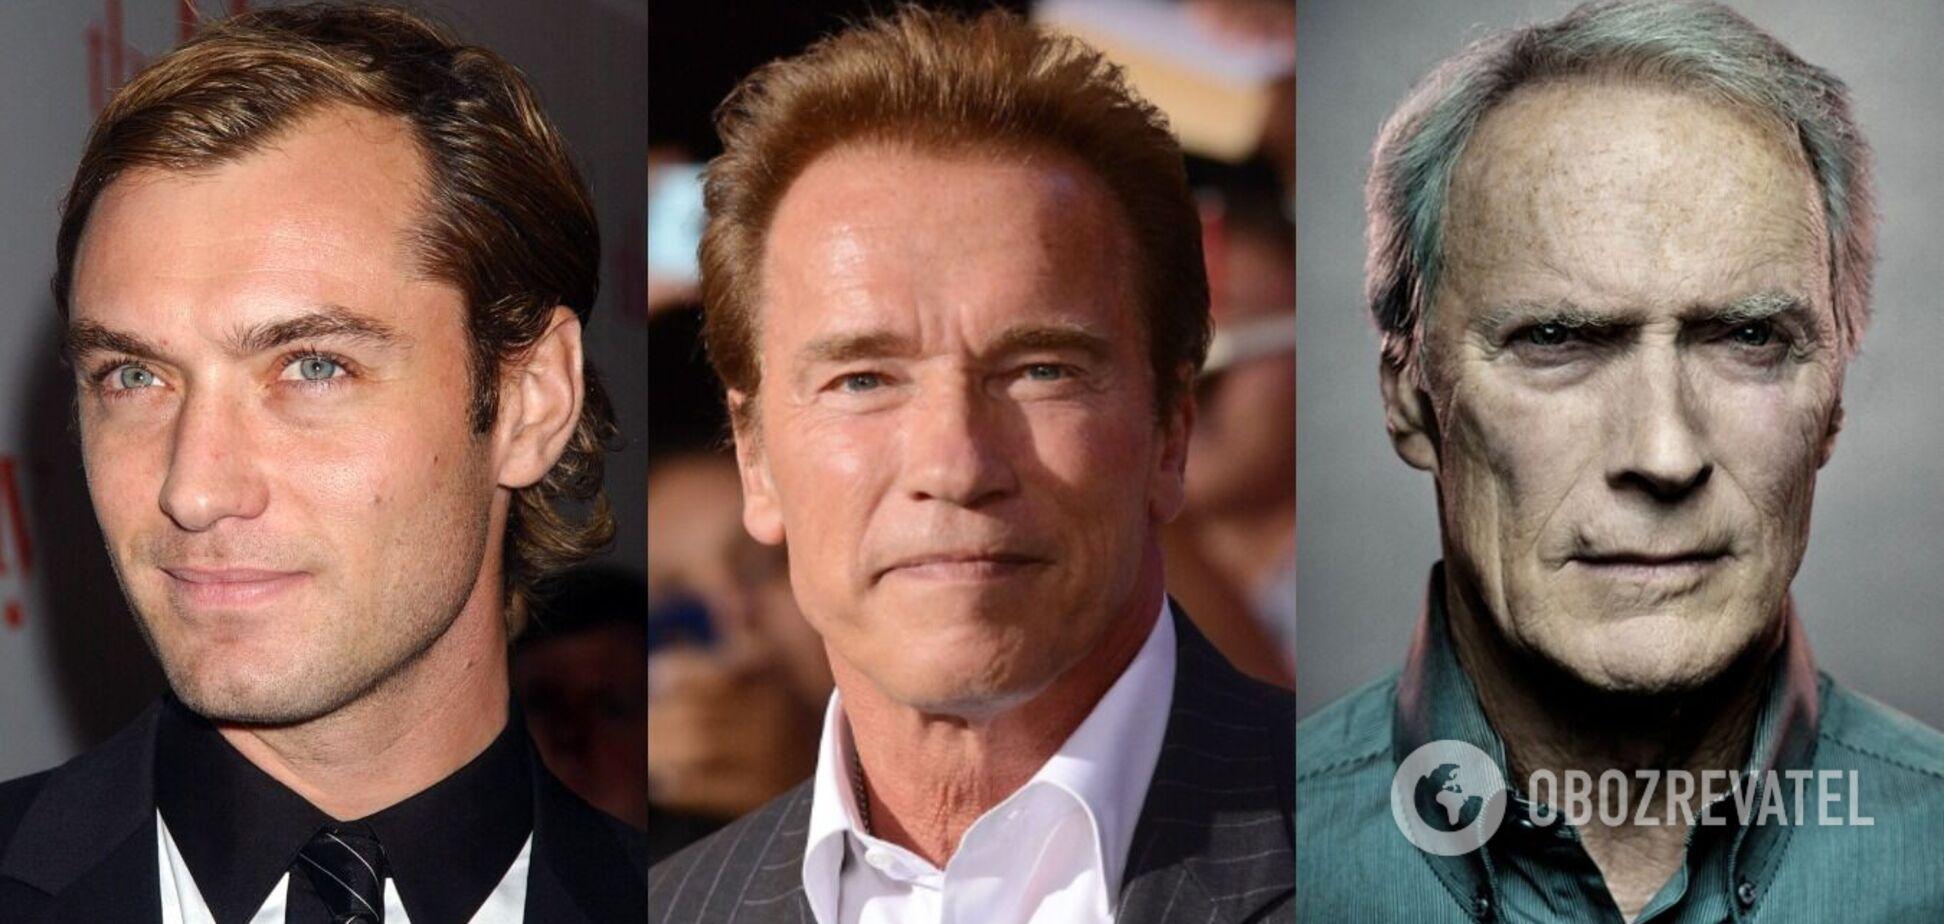 Лоу, Шварценеггер и Иствуд: 7 сыновей, как две капли похожих на звездных отцов